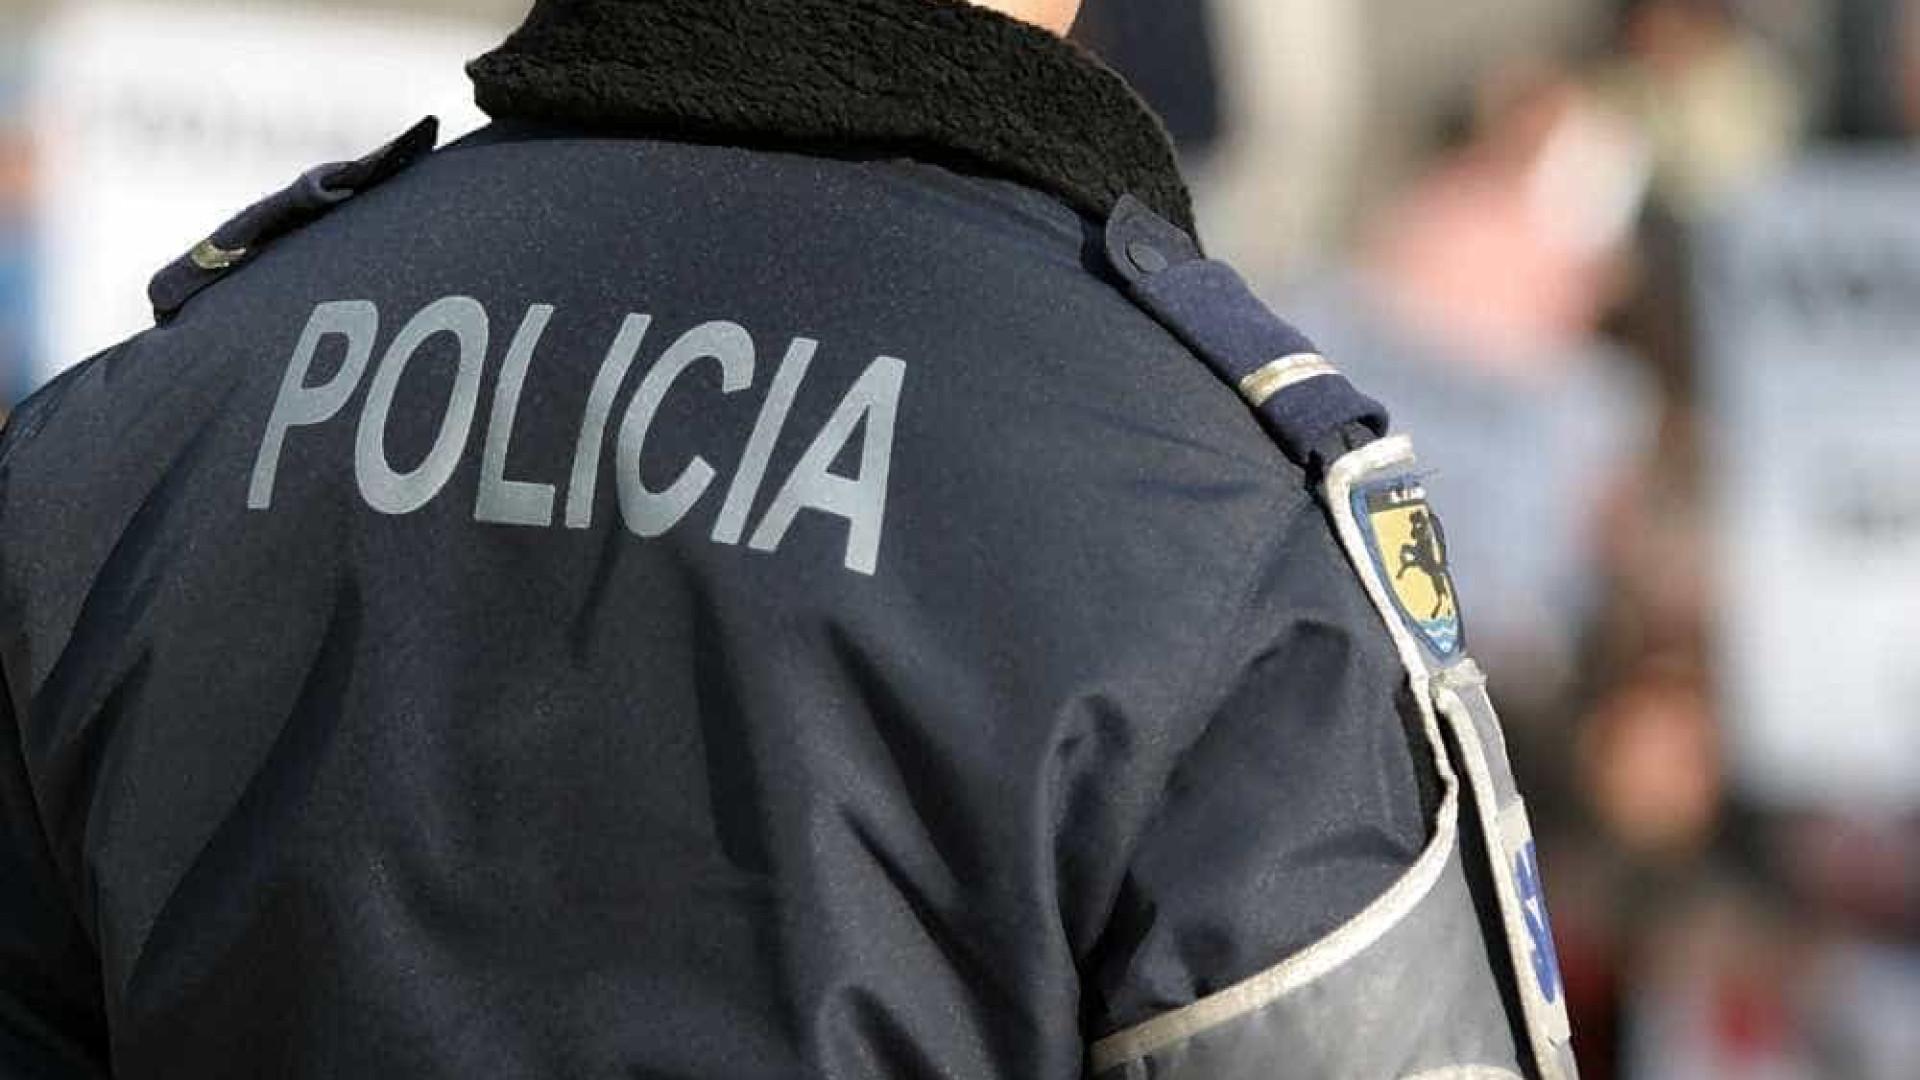 Agente de folga apanha dois carteiristas em flagrante